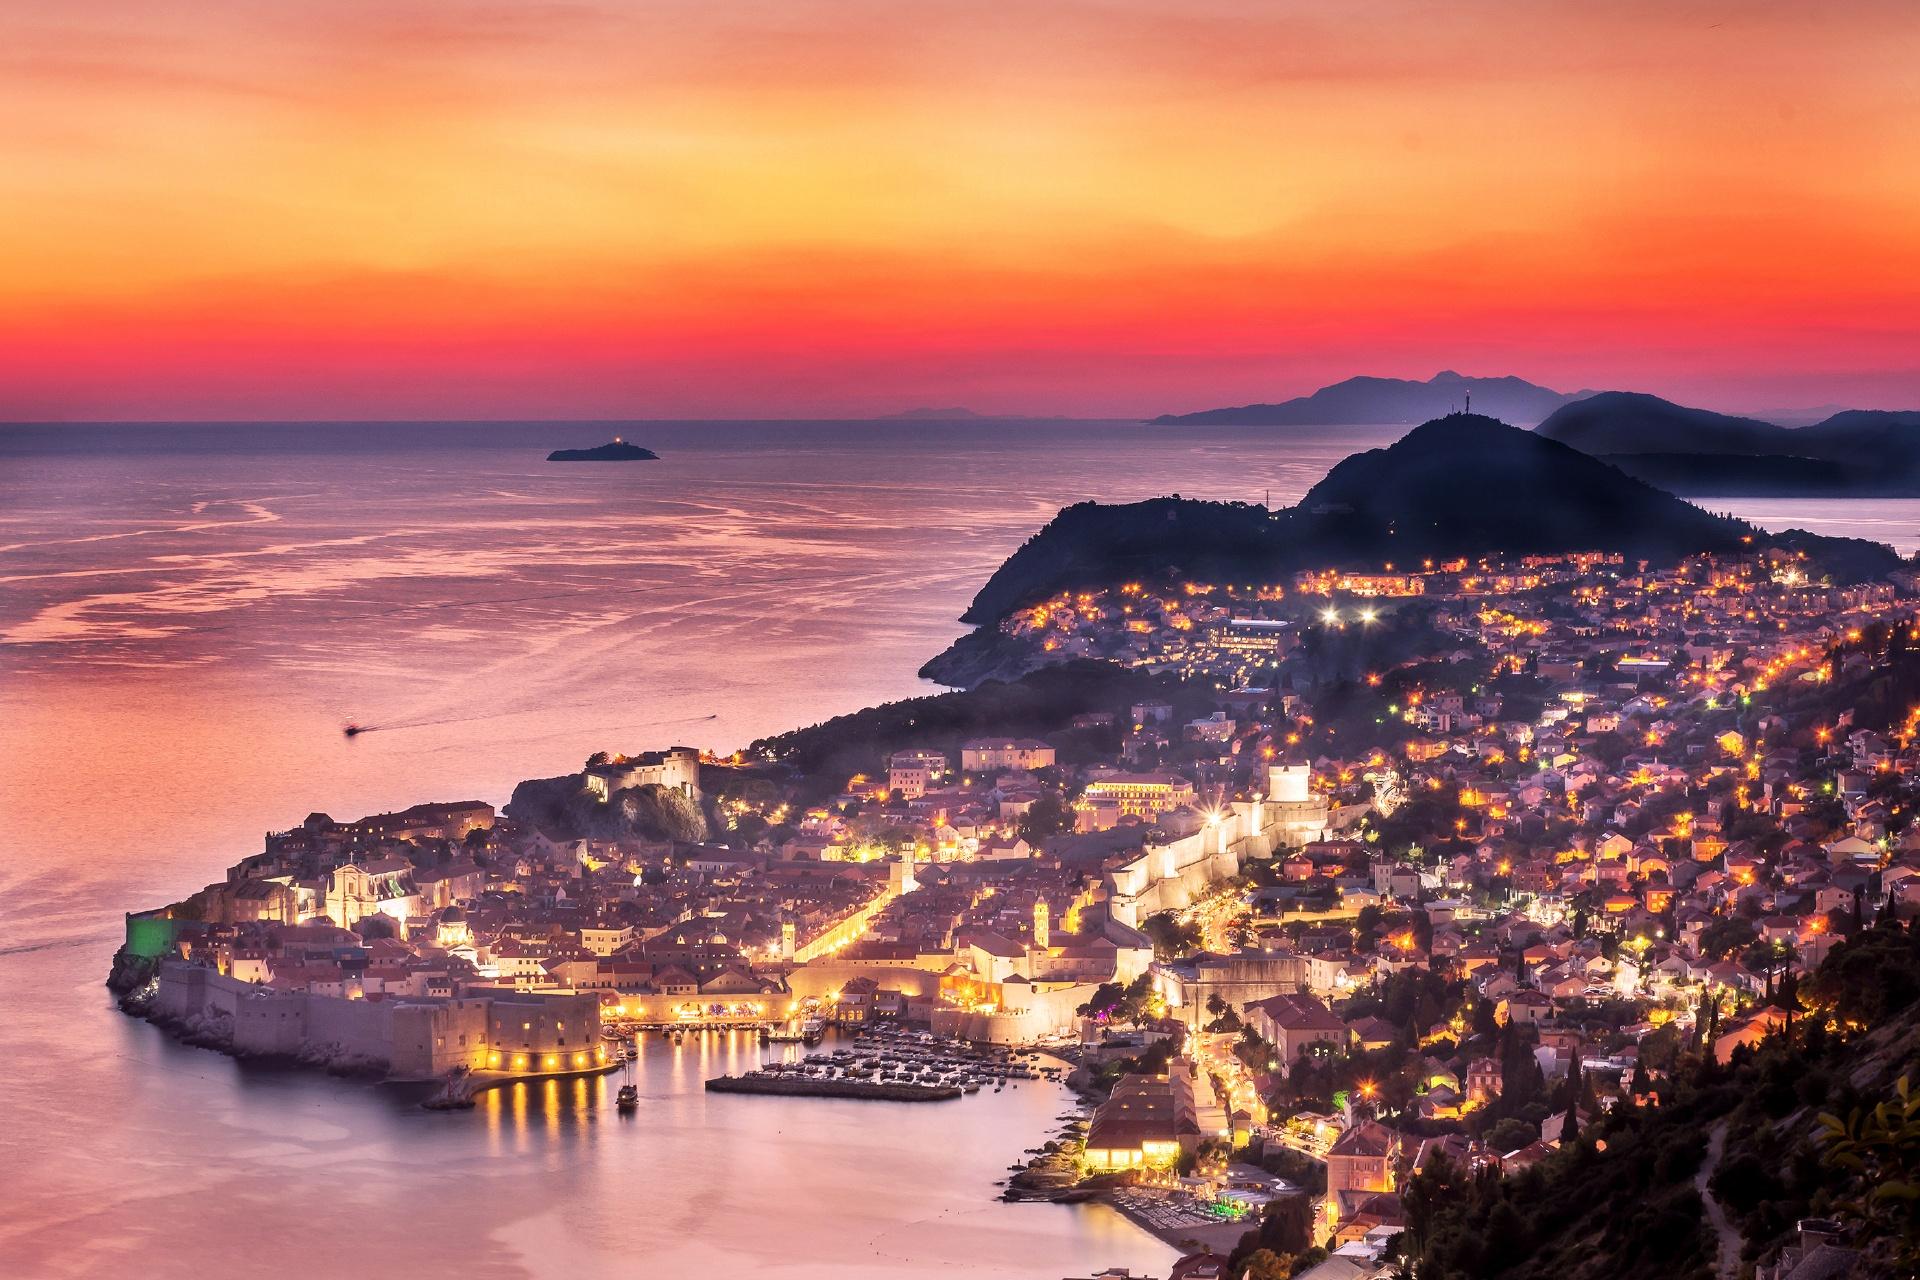 夕暮れのドゥブロヴニク クロアチアの風景